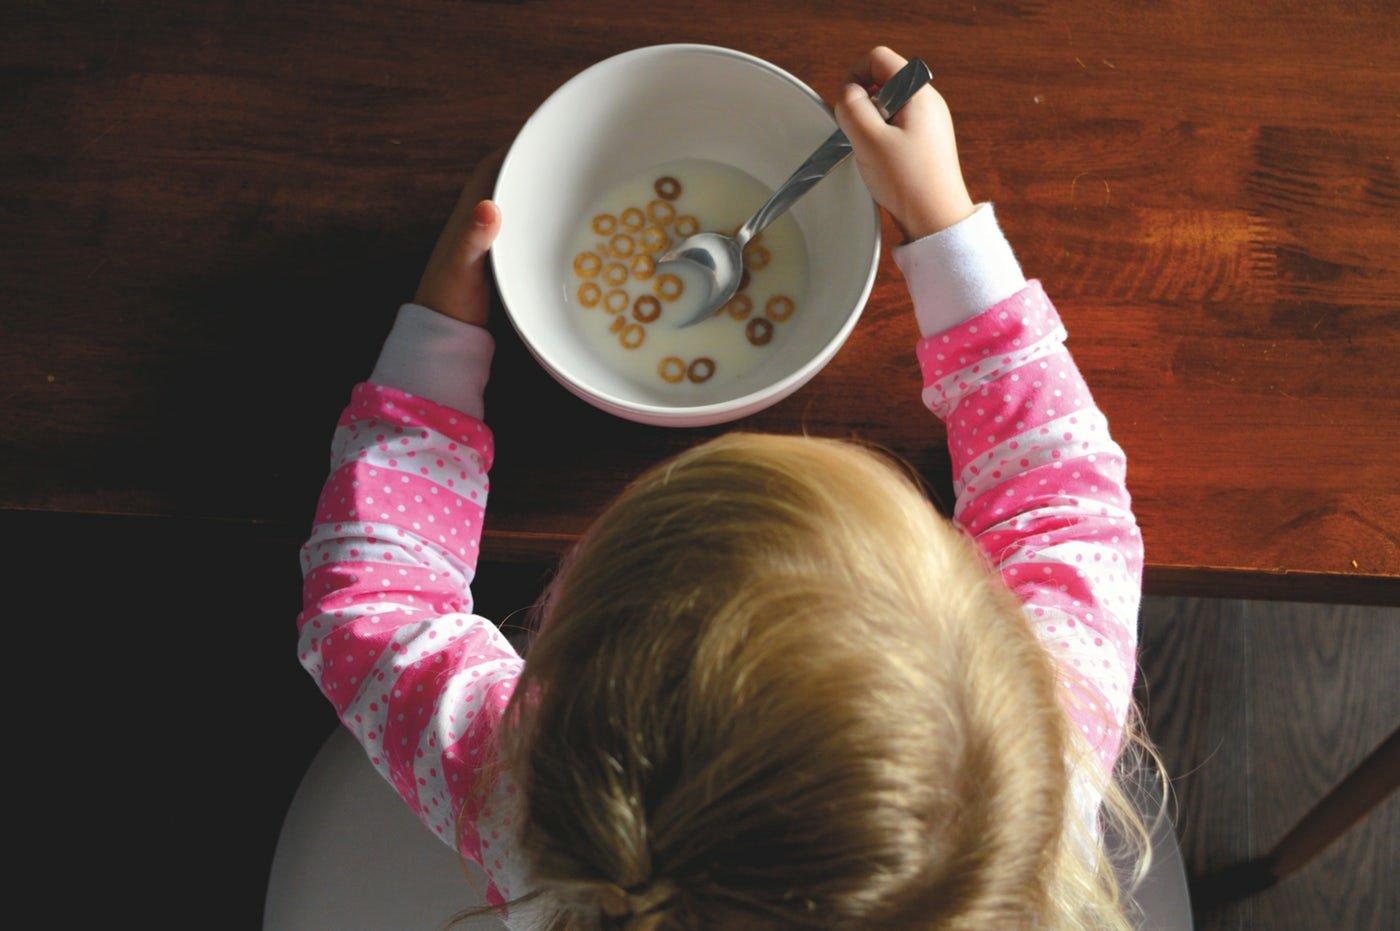 Meine Suppe ess ich nicht – von heiklen Essern und besorgten Eltern